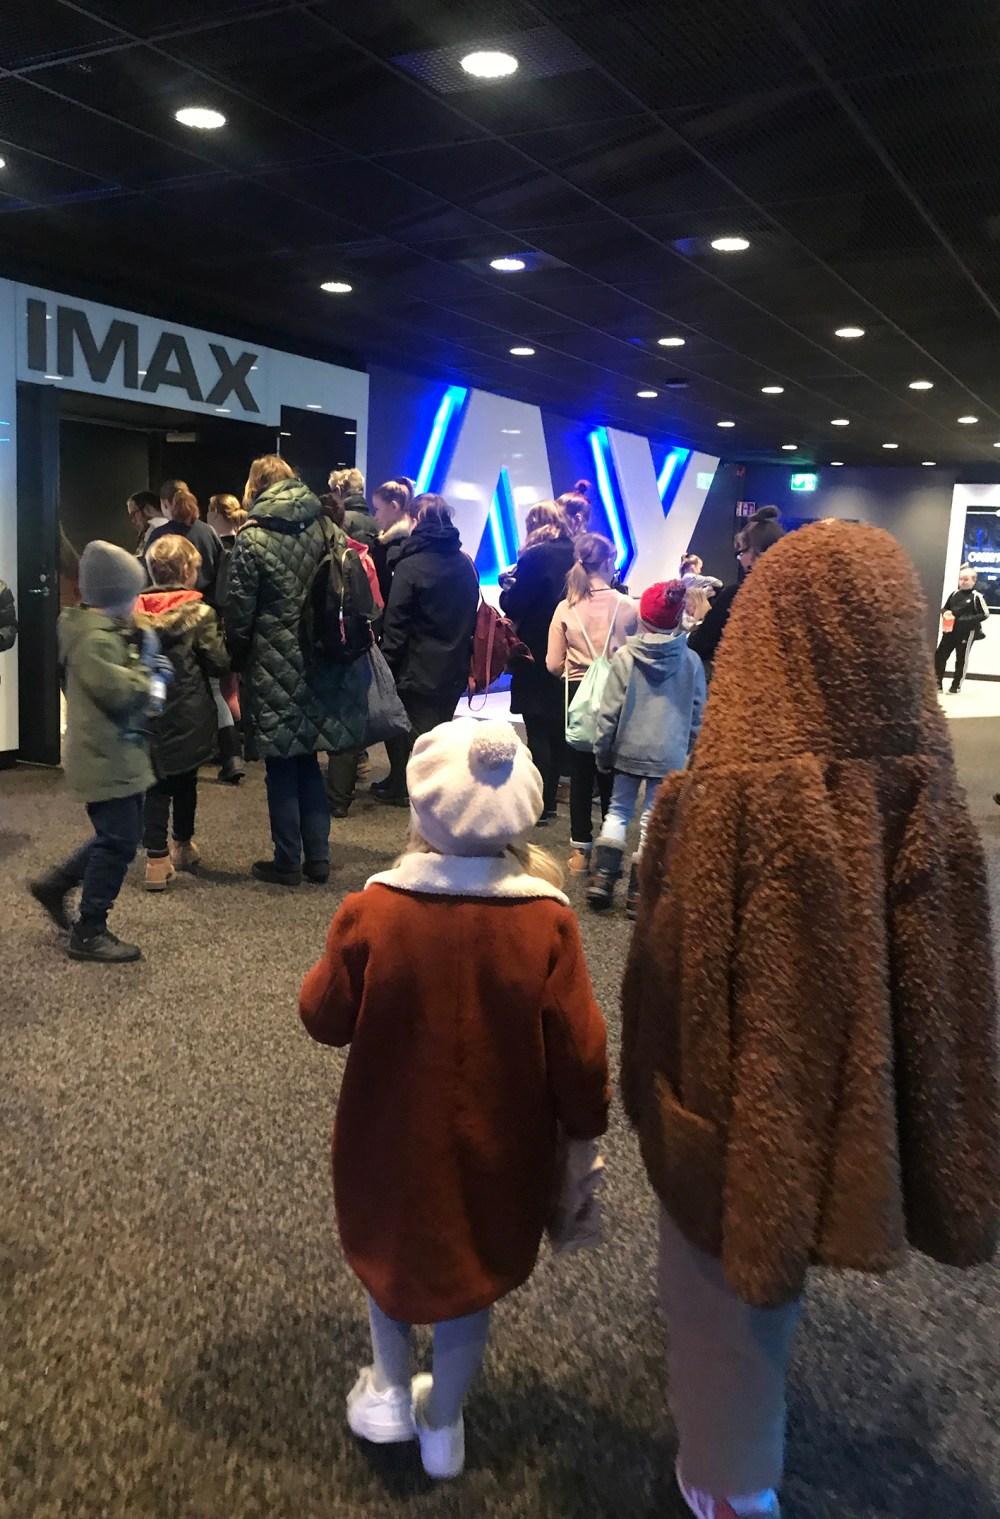 finnkinoimax17